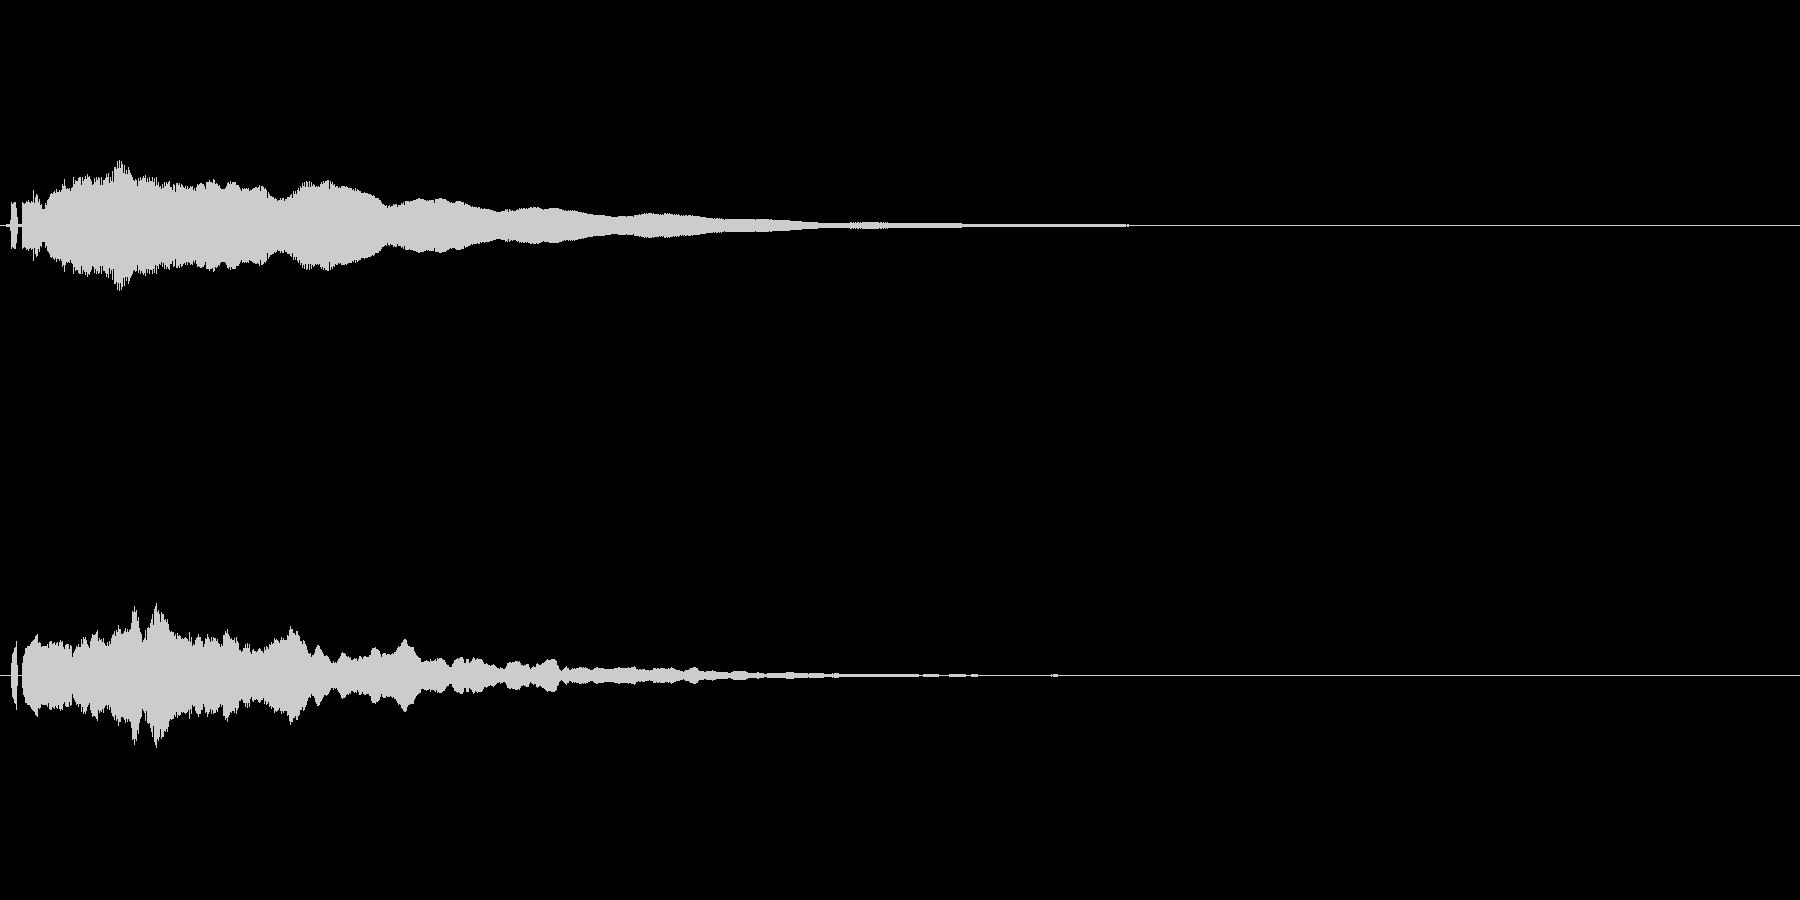 ポーン(ソナーみたいな音)の未再生の波形